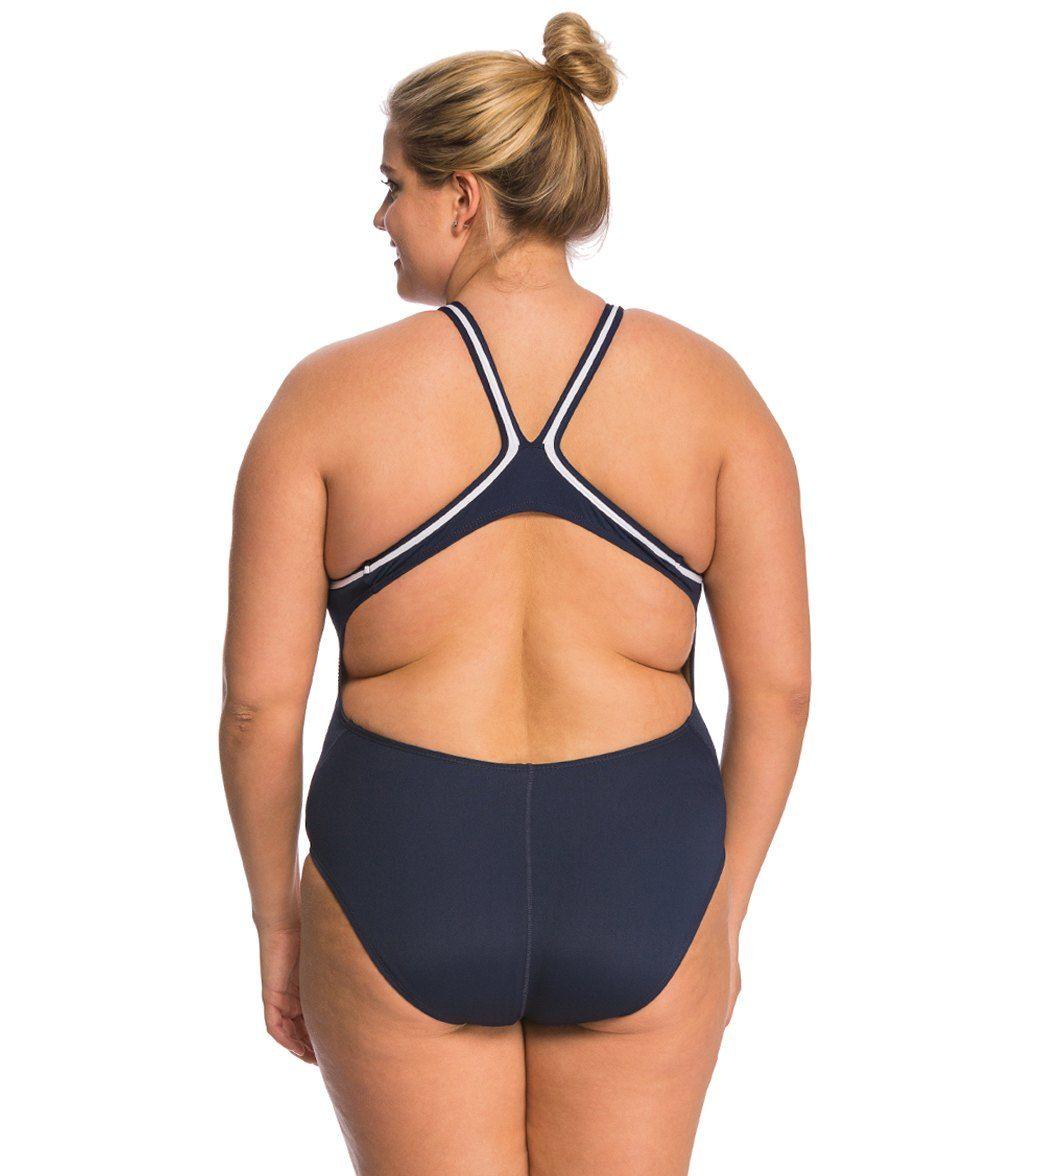 647da9159d4 Dolfin Lifeguard Plus Size DBX Back One Piece Swimsuit at SwimOutlet.com -  The Web s most popular swim shop